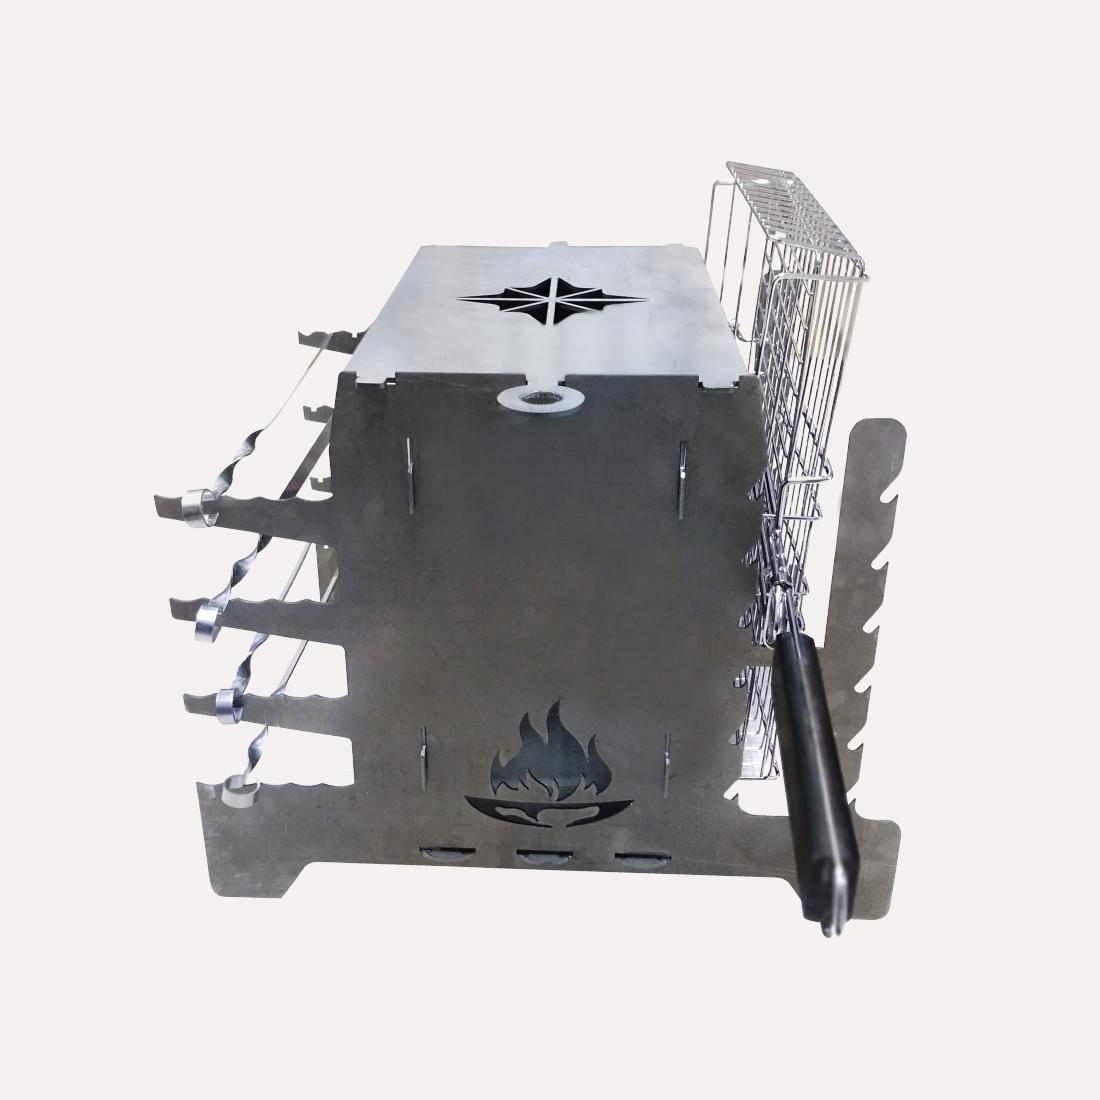 Вертикальный мангал-очаг КУЗЬМА